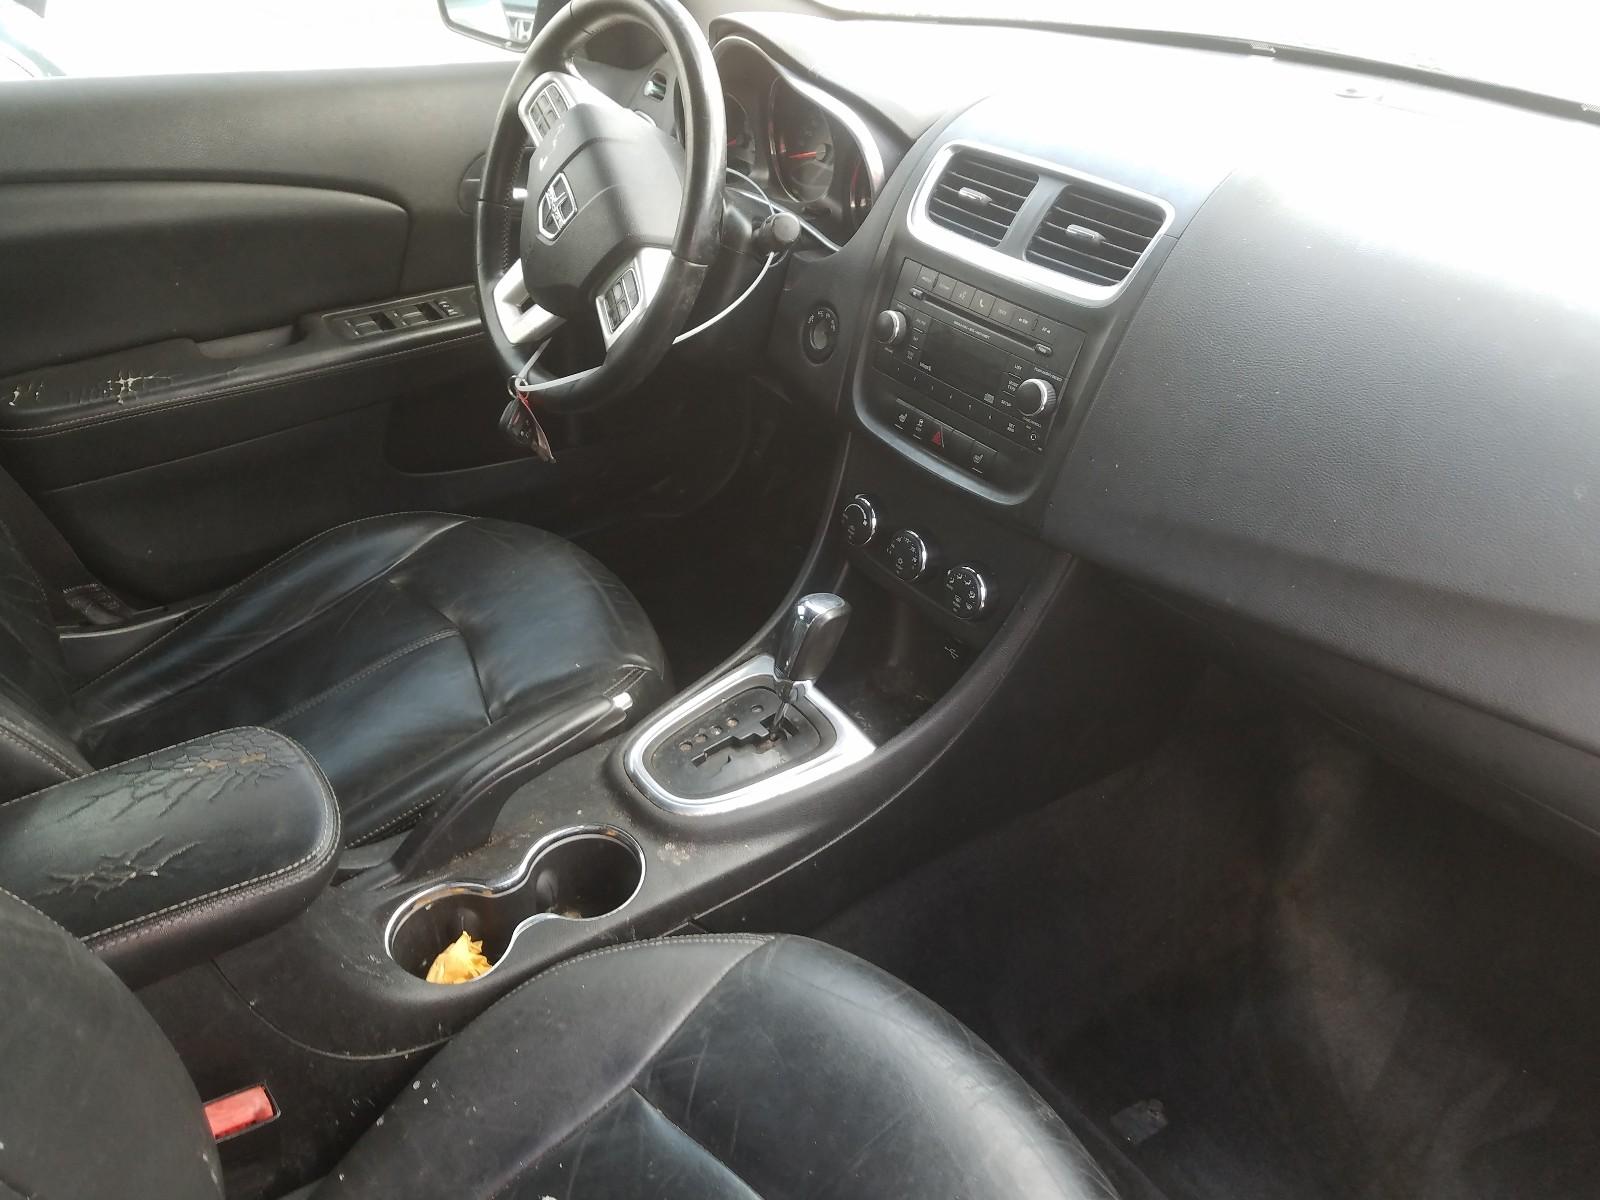 1C3CDZCB4DN693221 - 2013 Dodge Avenger Sx 2.4L engine view